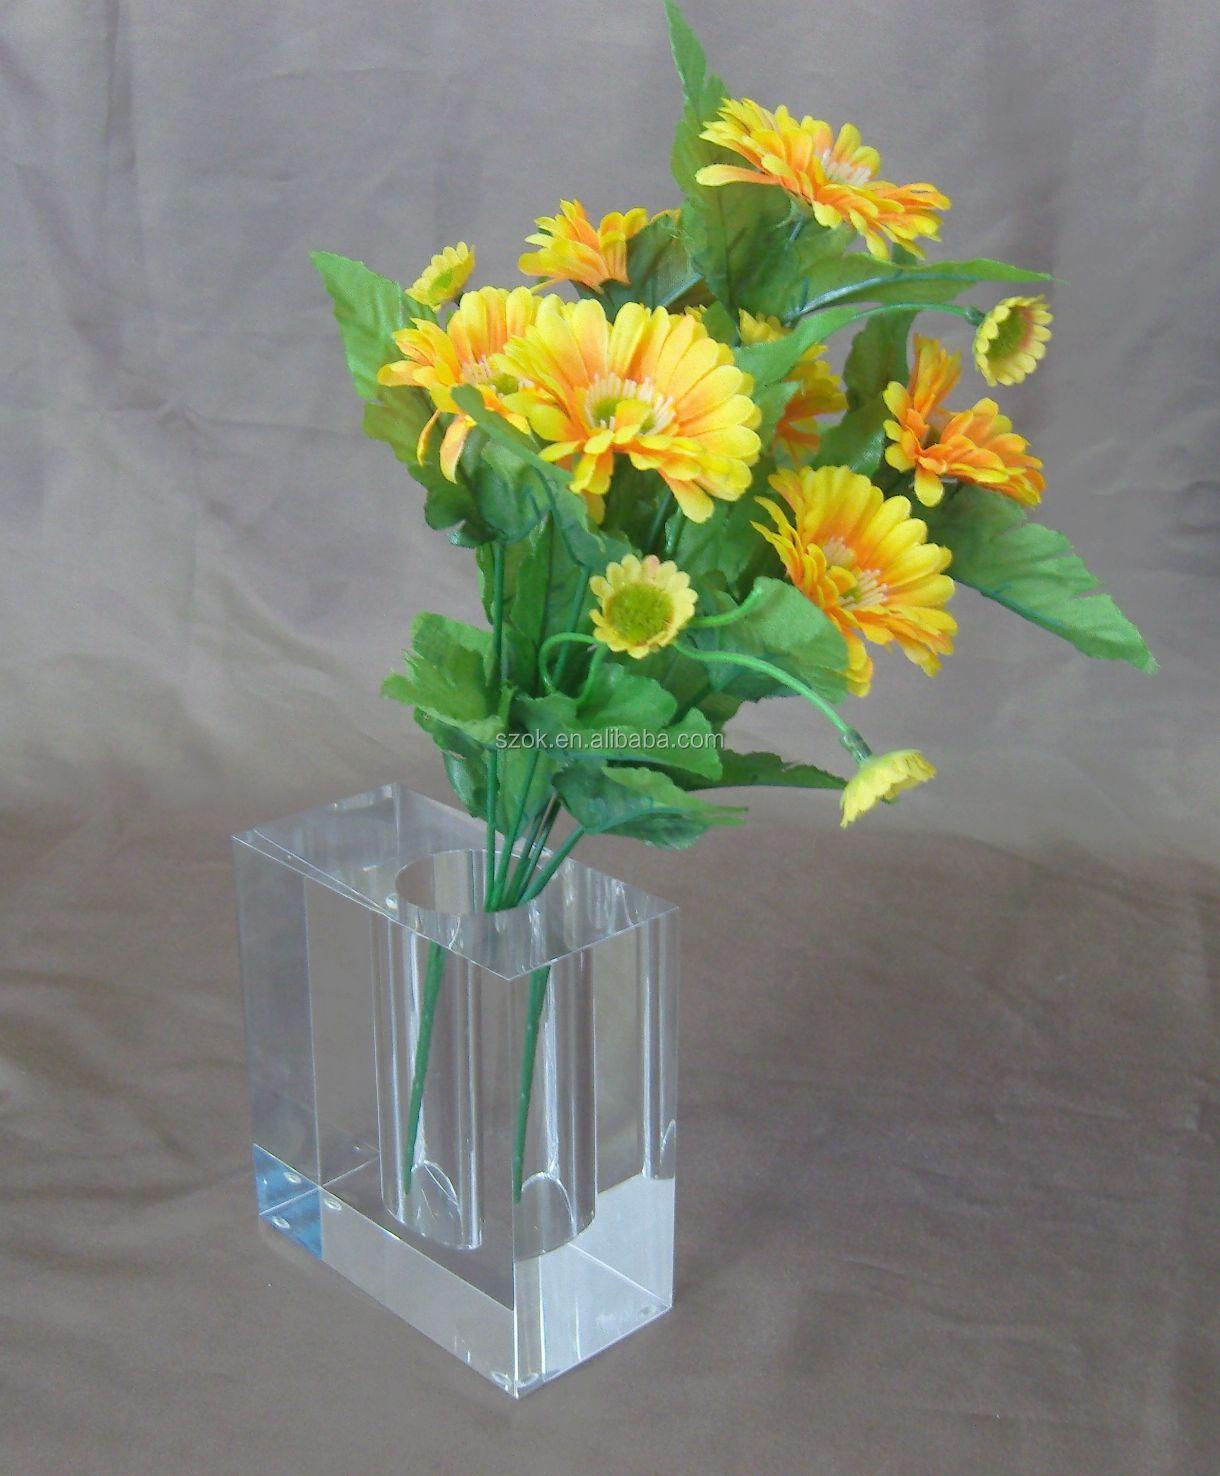 Acrylic vases wholesale wholesale acrylic vase suppliers alibaba reviewsmspy